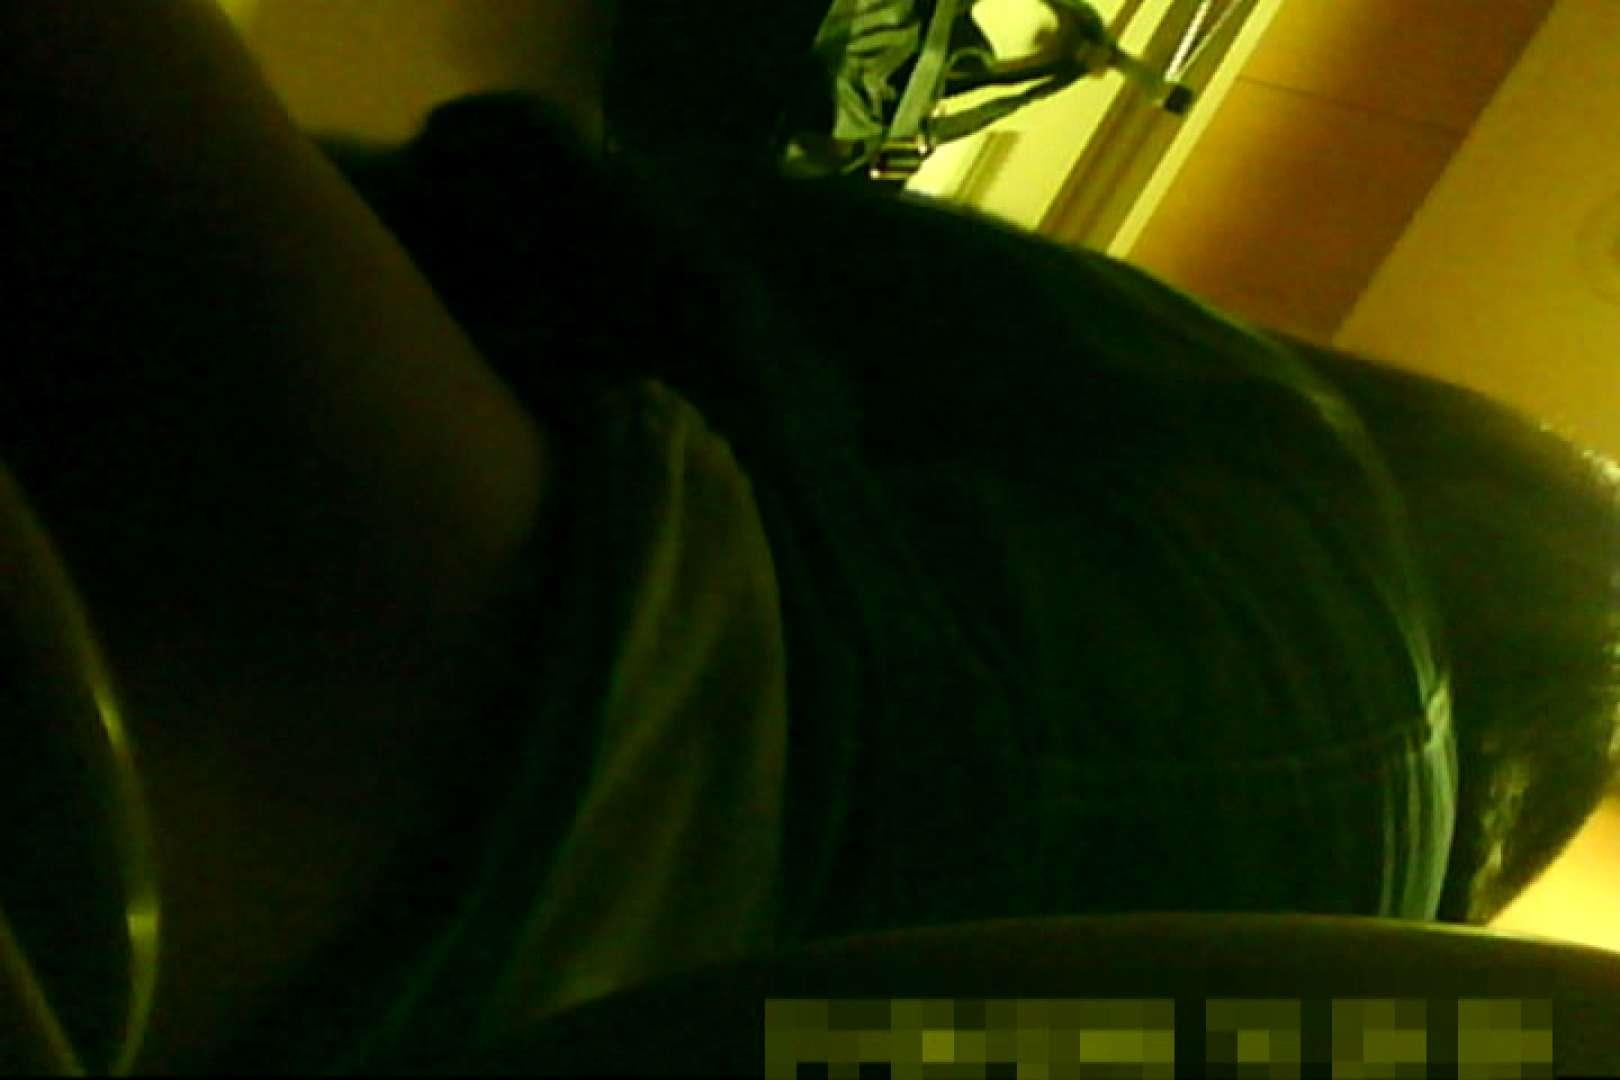 魅惑の化粧室~禁断のプライベート空間~25 盗撮 われめAV動画紹介 89pic 34